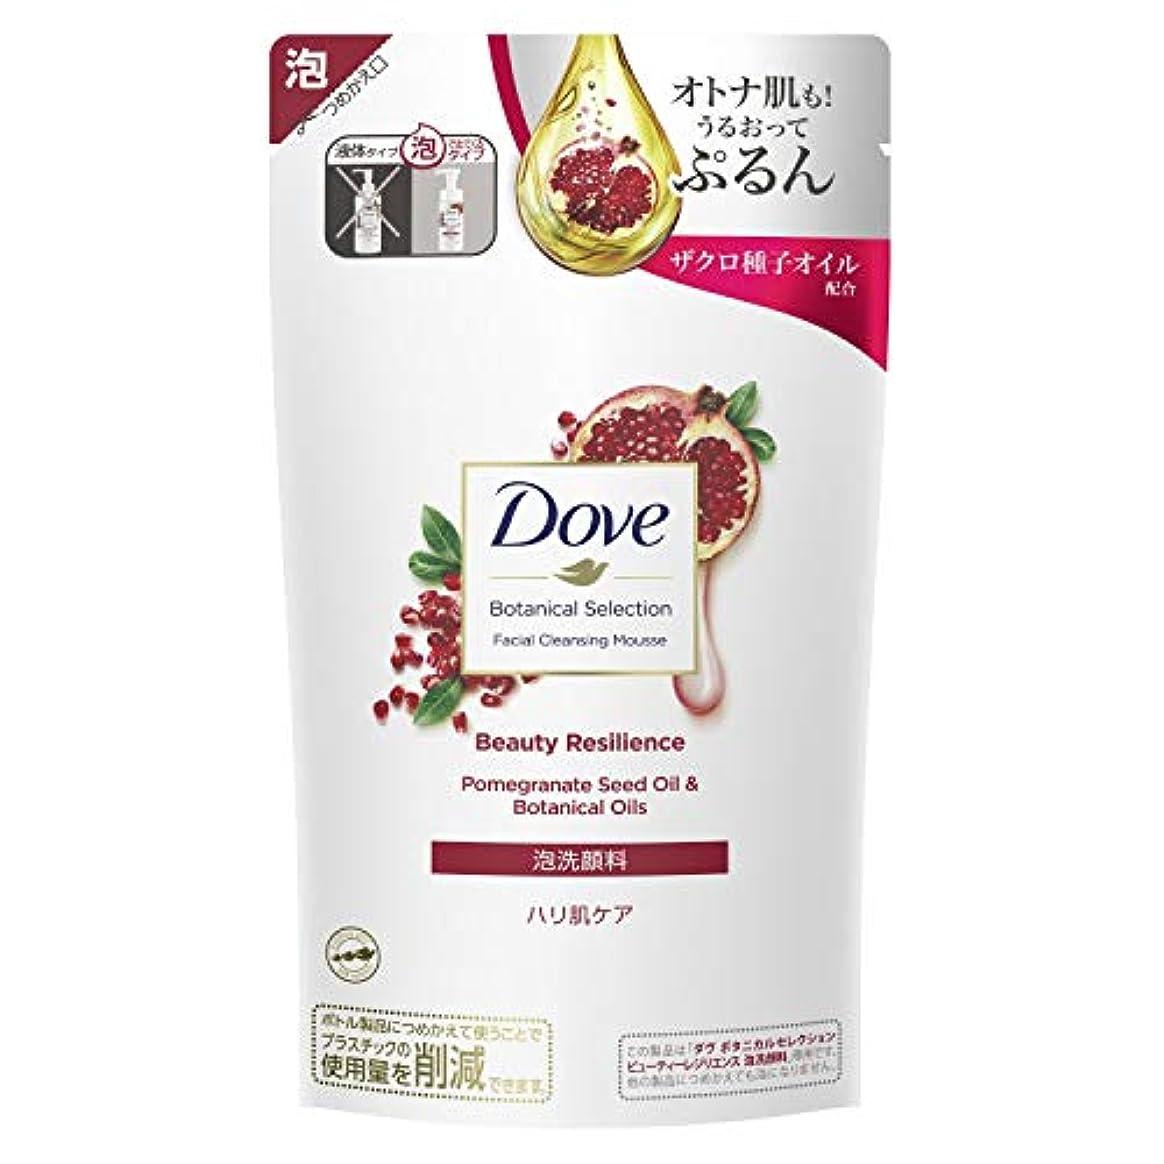 苦悩安価な満了Dove(ダヴ) ダヴ ボタニカルセレクション ビューティーレジリエンス 泡洗顔料 つめかえ用 135mL